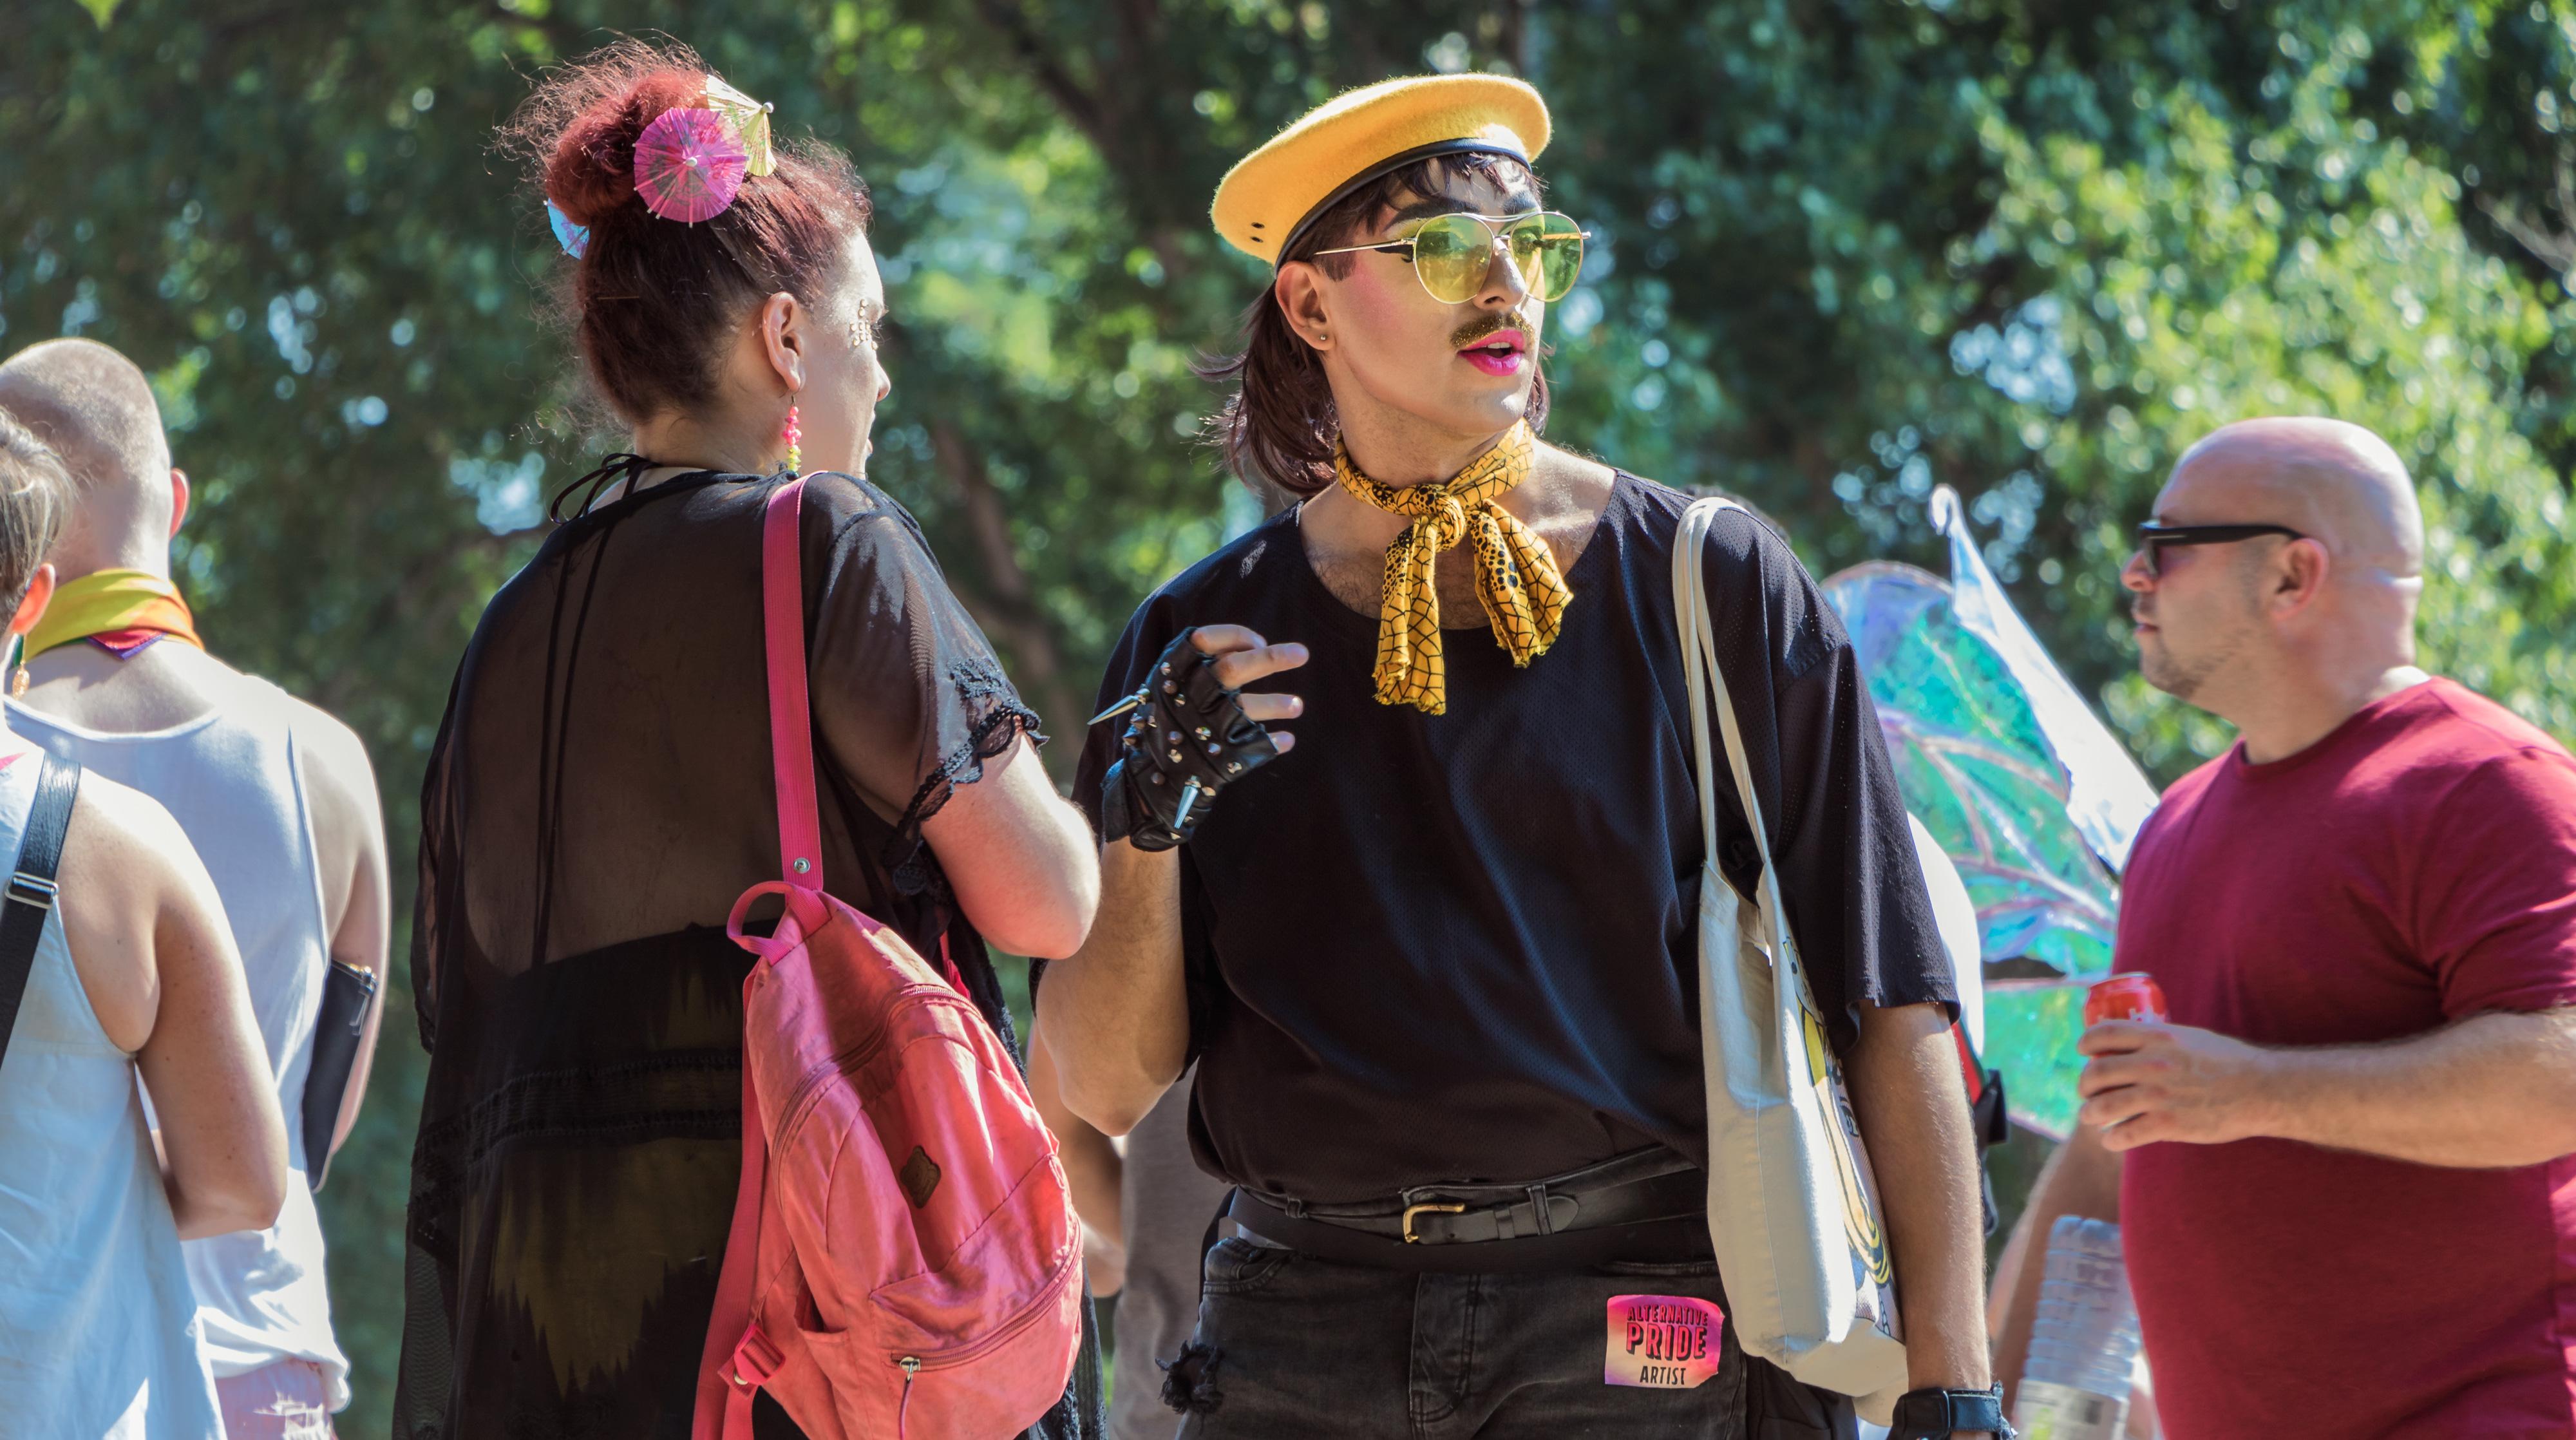 Vancouver Pride Parade Fashionista